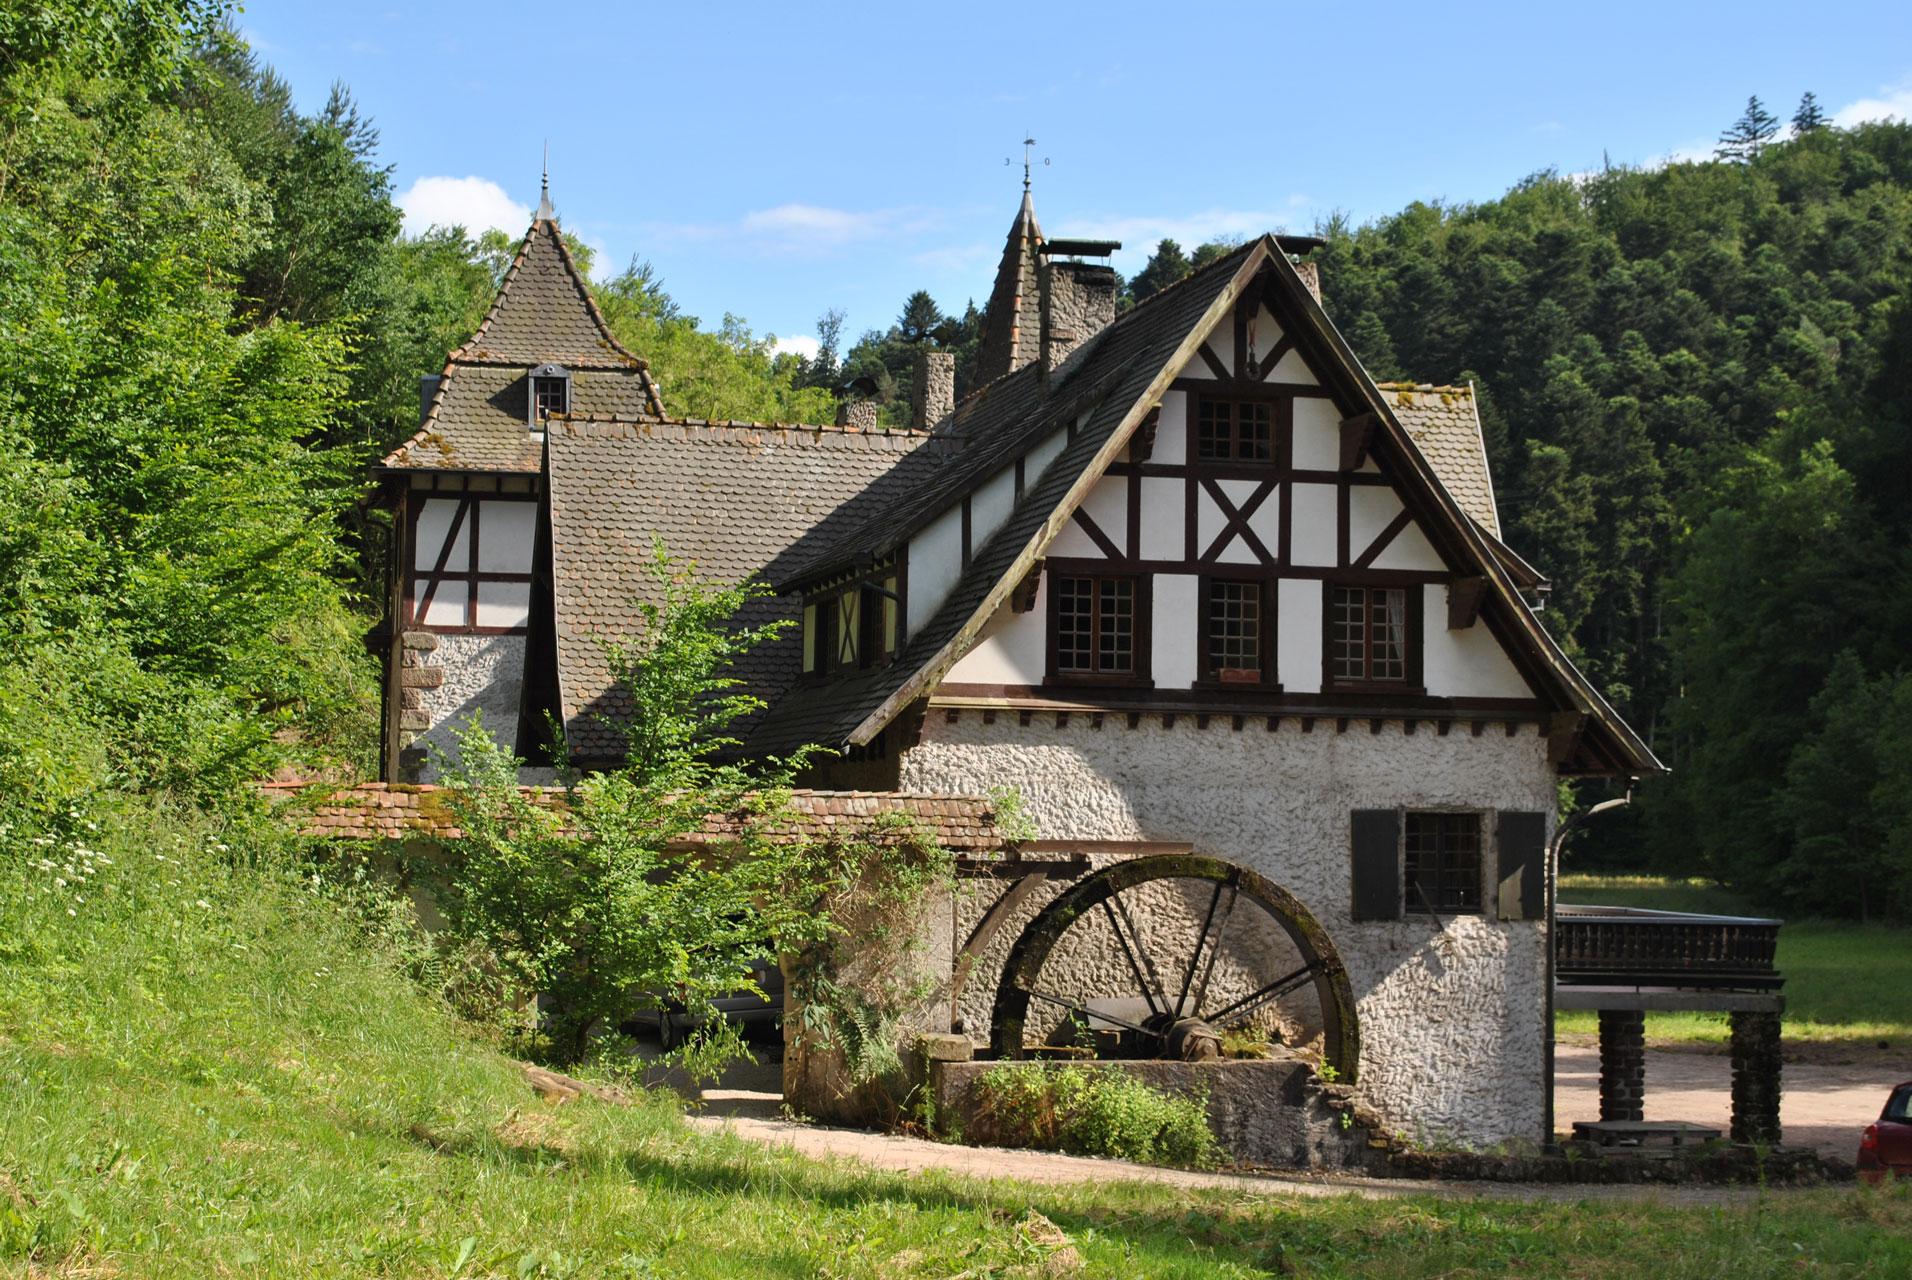 Vacances en Alsace : pourquoi ne pas réserver un gîte de France ?